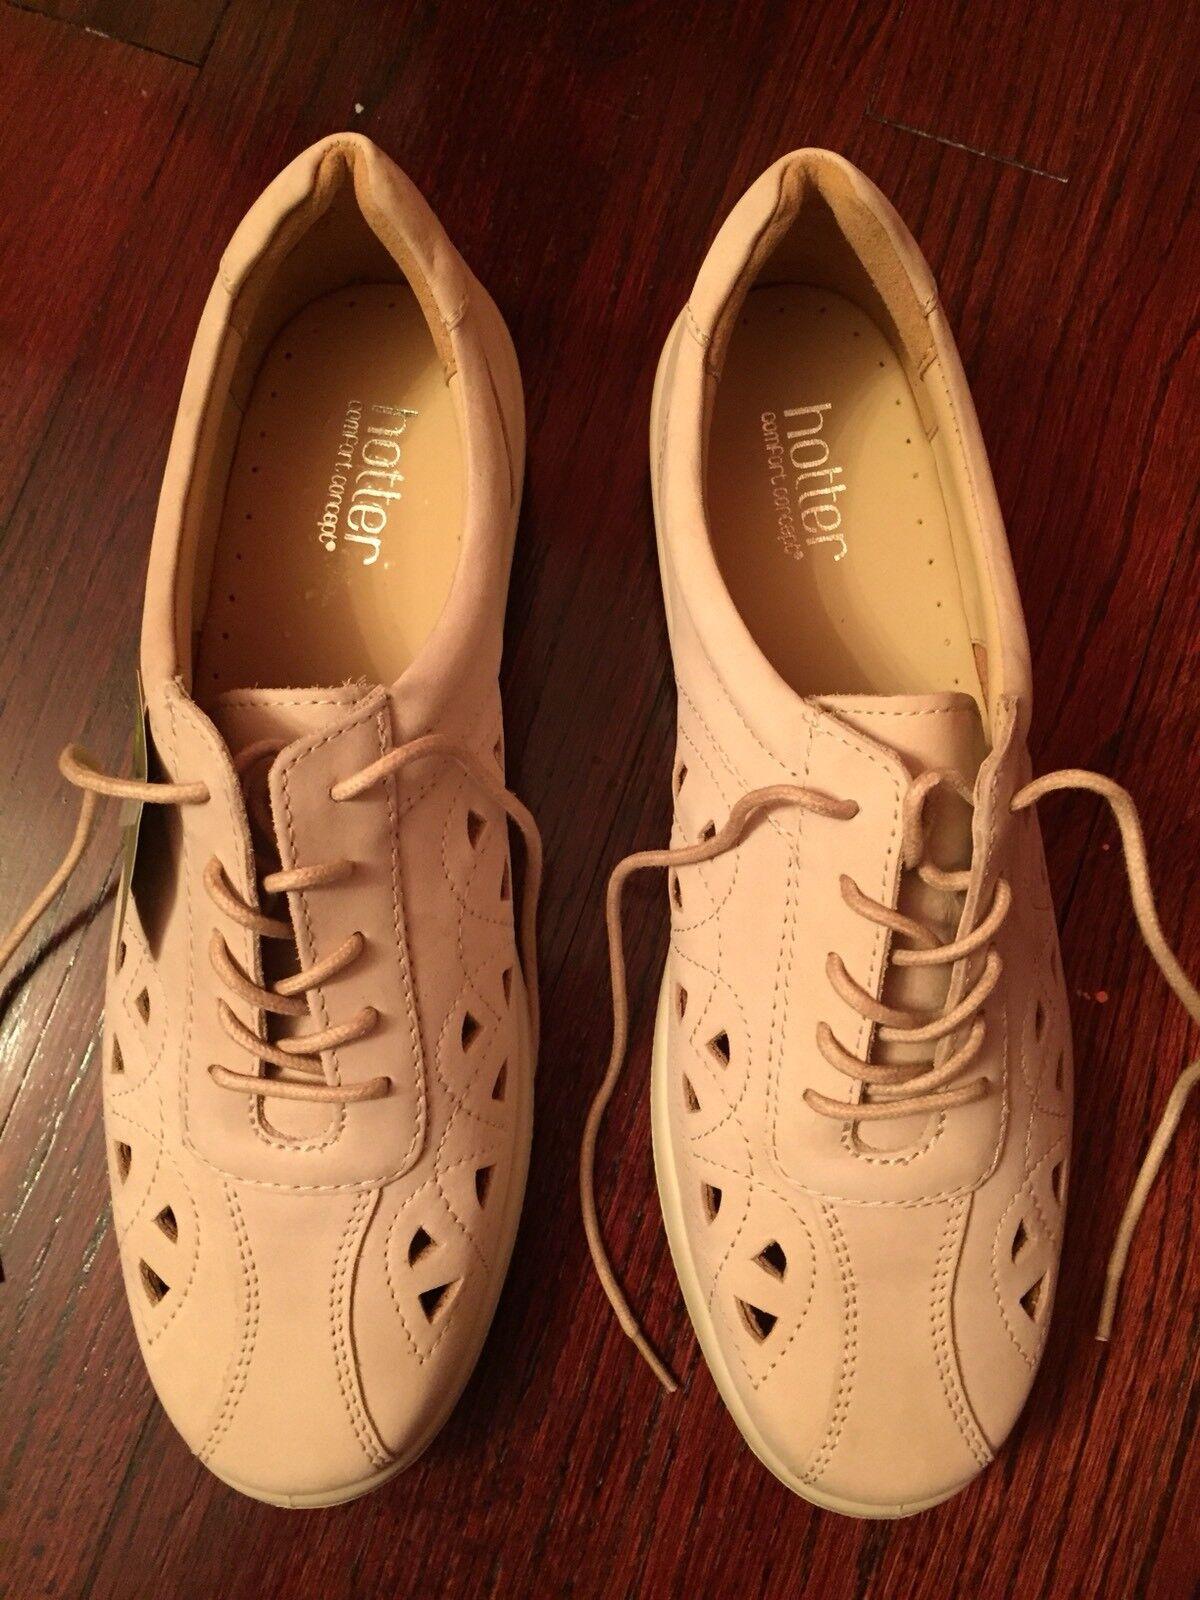 Más caliente para mujer 10 Confort Confort Confort concepto durante el día con Cordones Zapatos Oxford Tan  distribución global